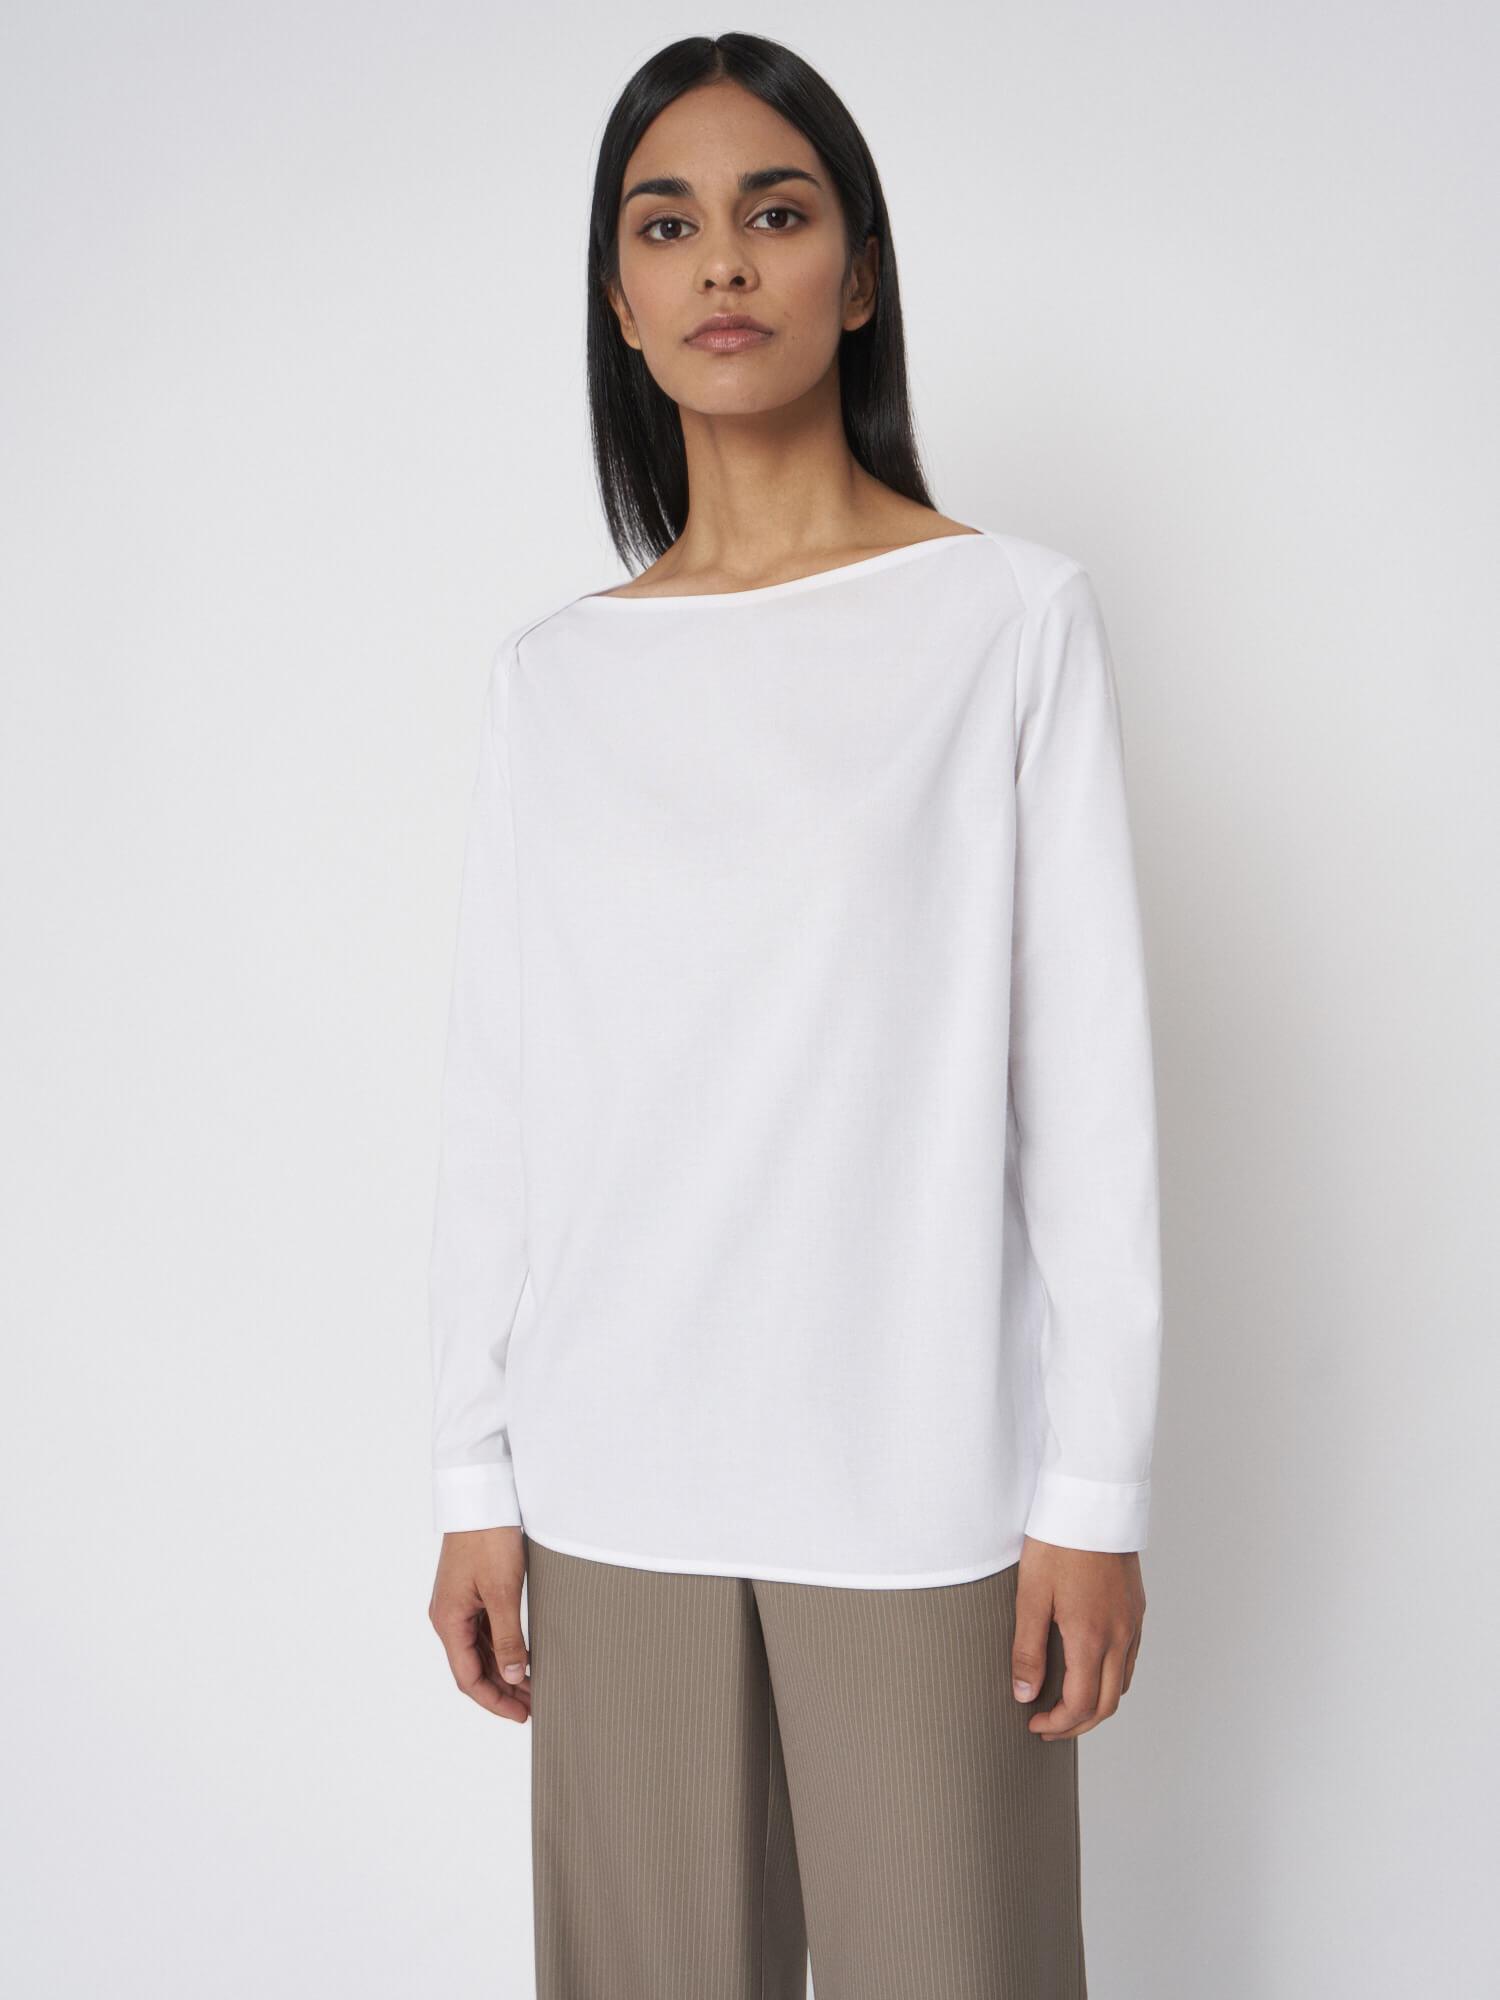 Рубашка Debora с плечевыми срезами внахлёст